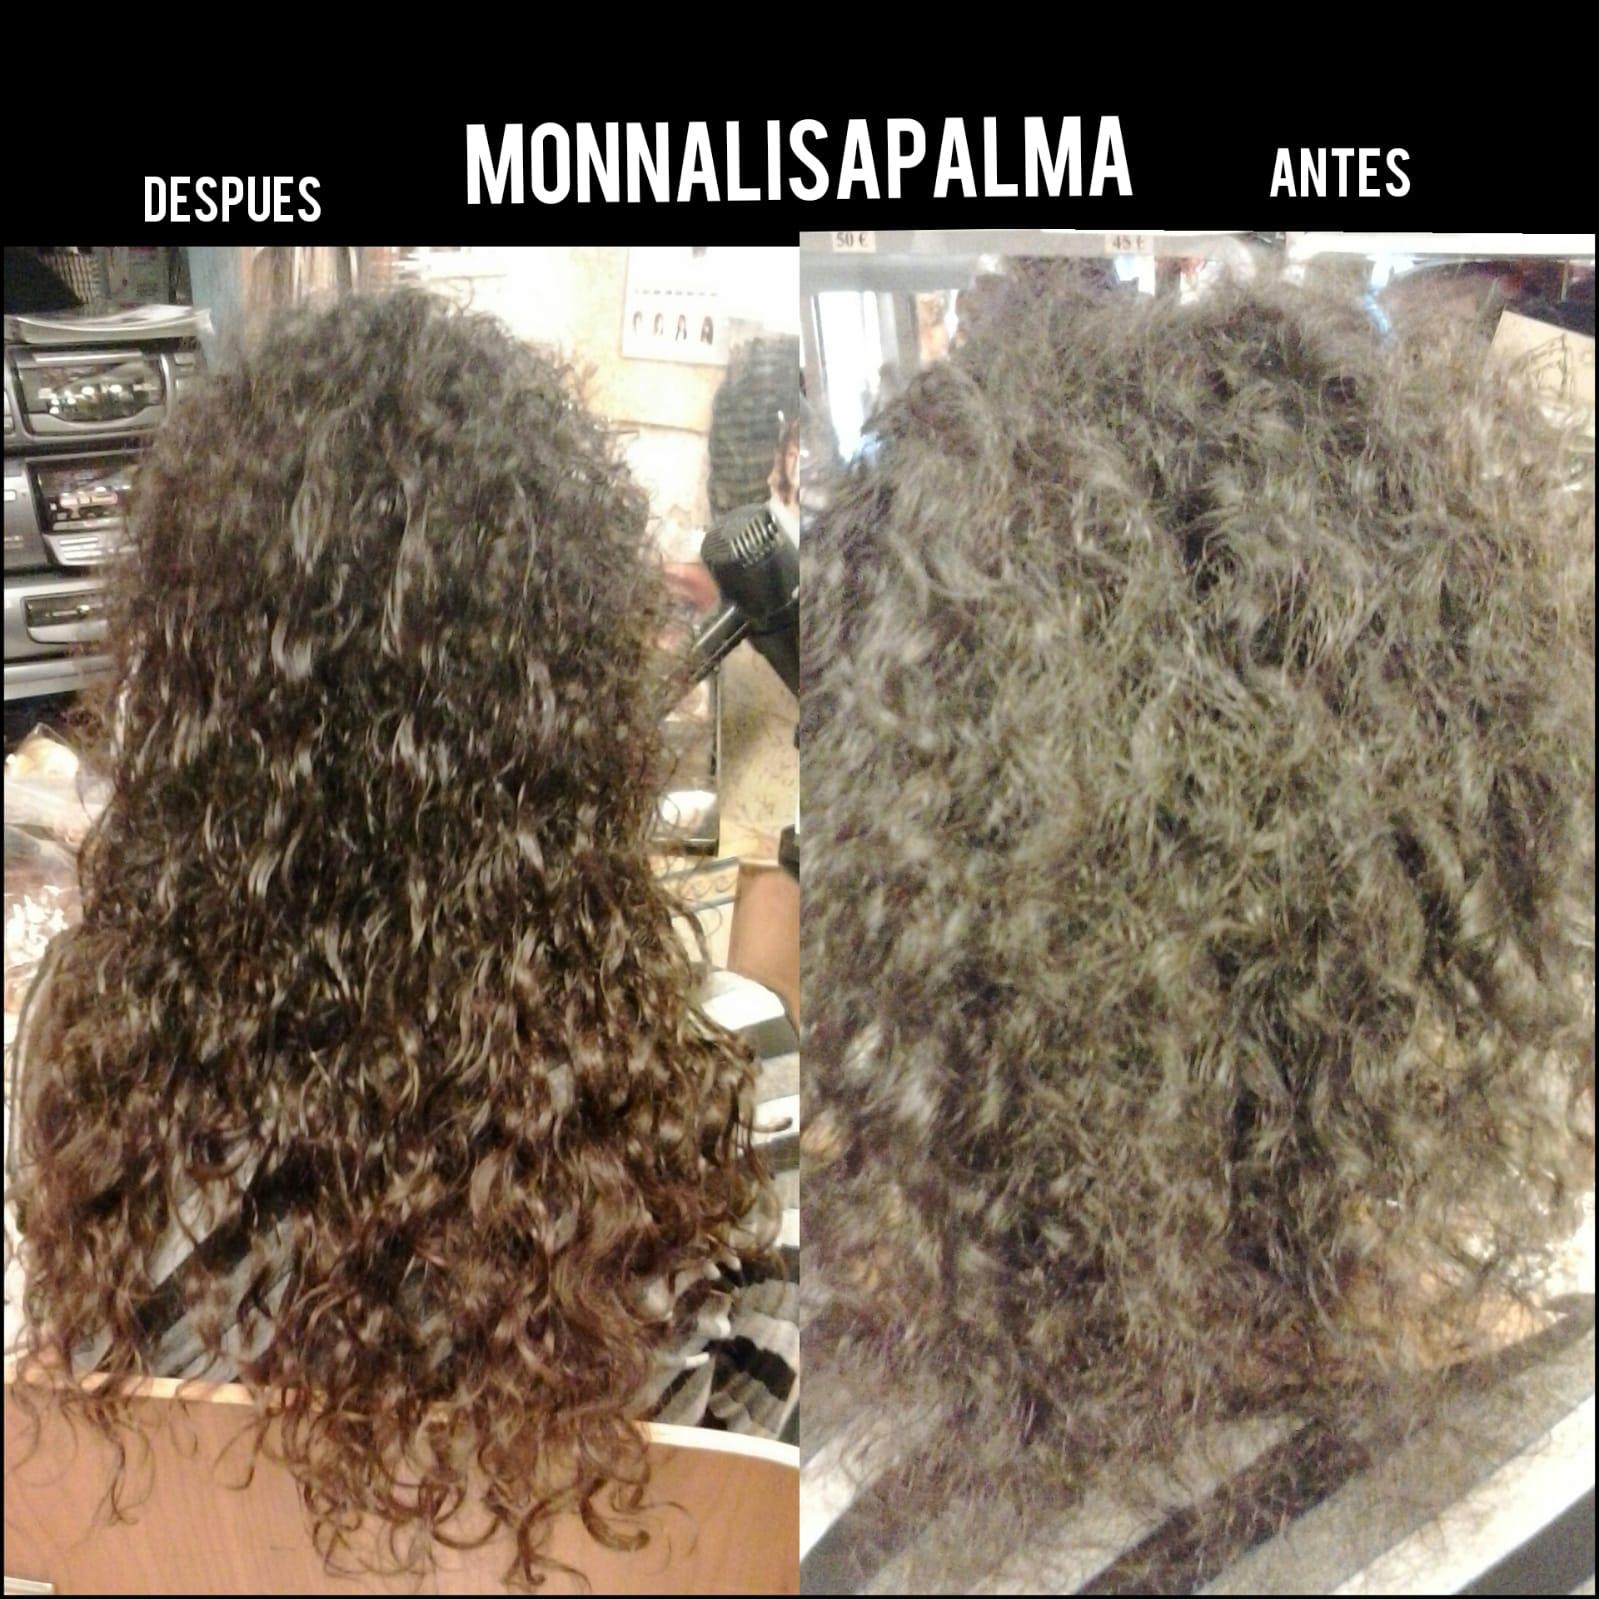 2-extensiones-cortina-monna-lisa-palma-1